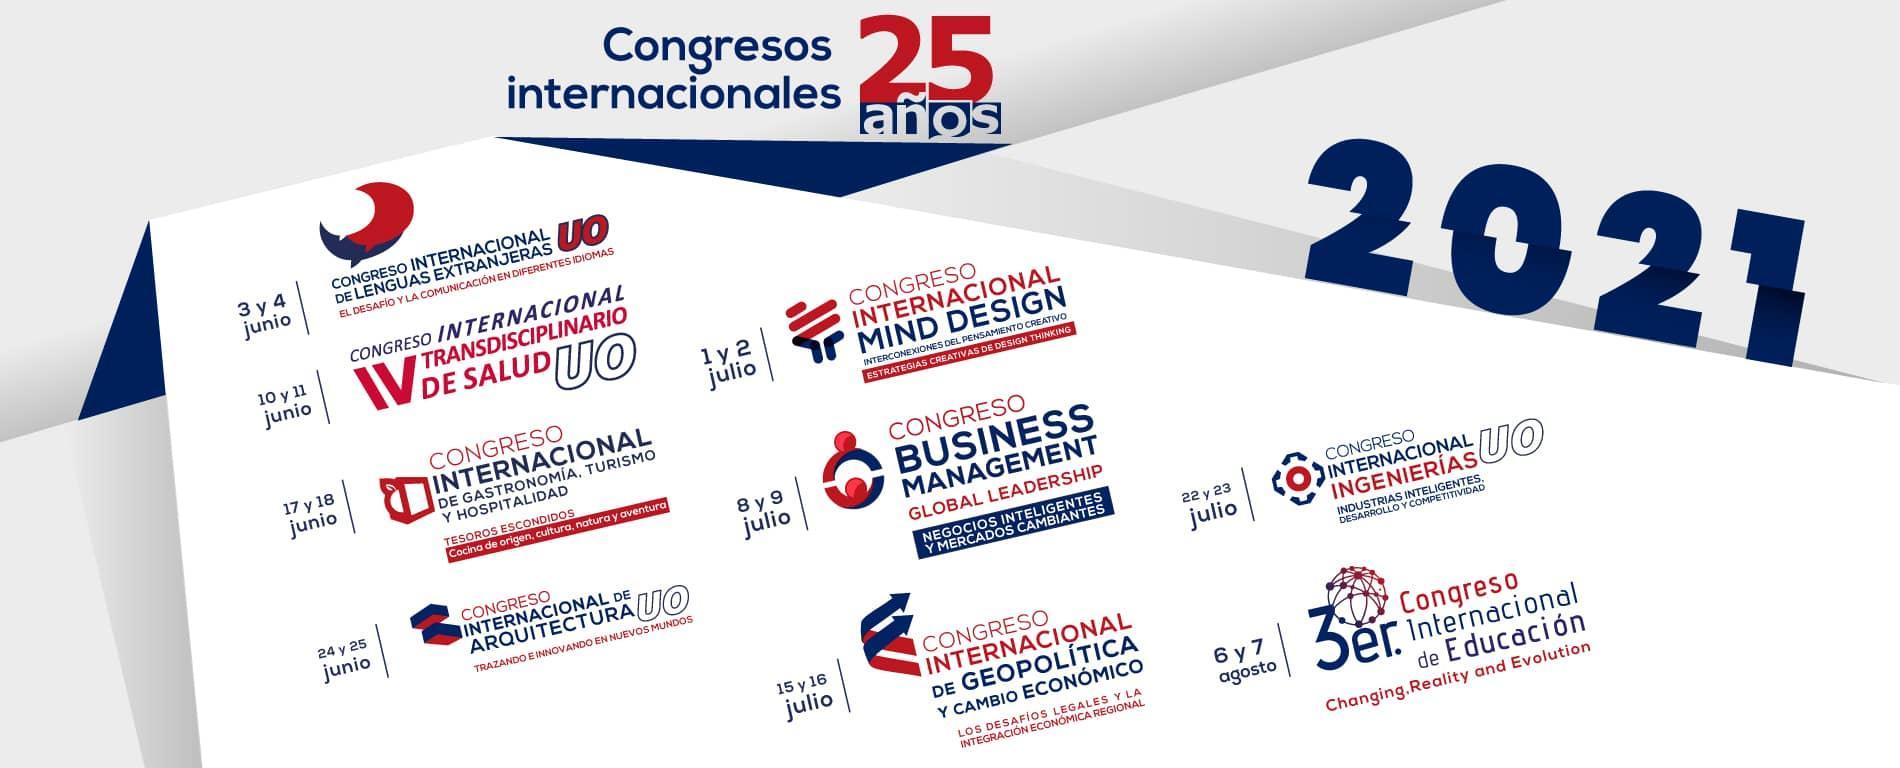 congresos internacionales universidad de oriente 2021